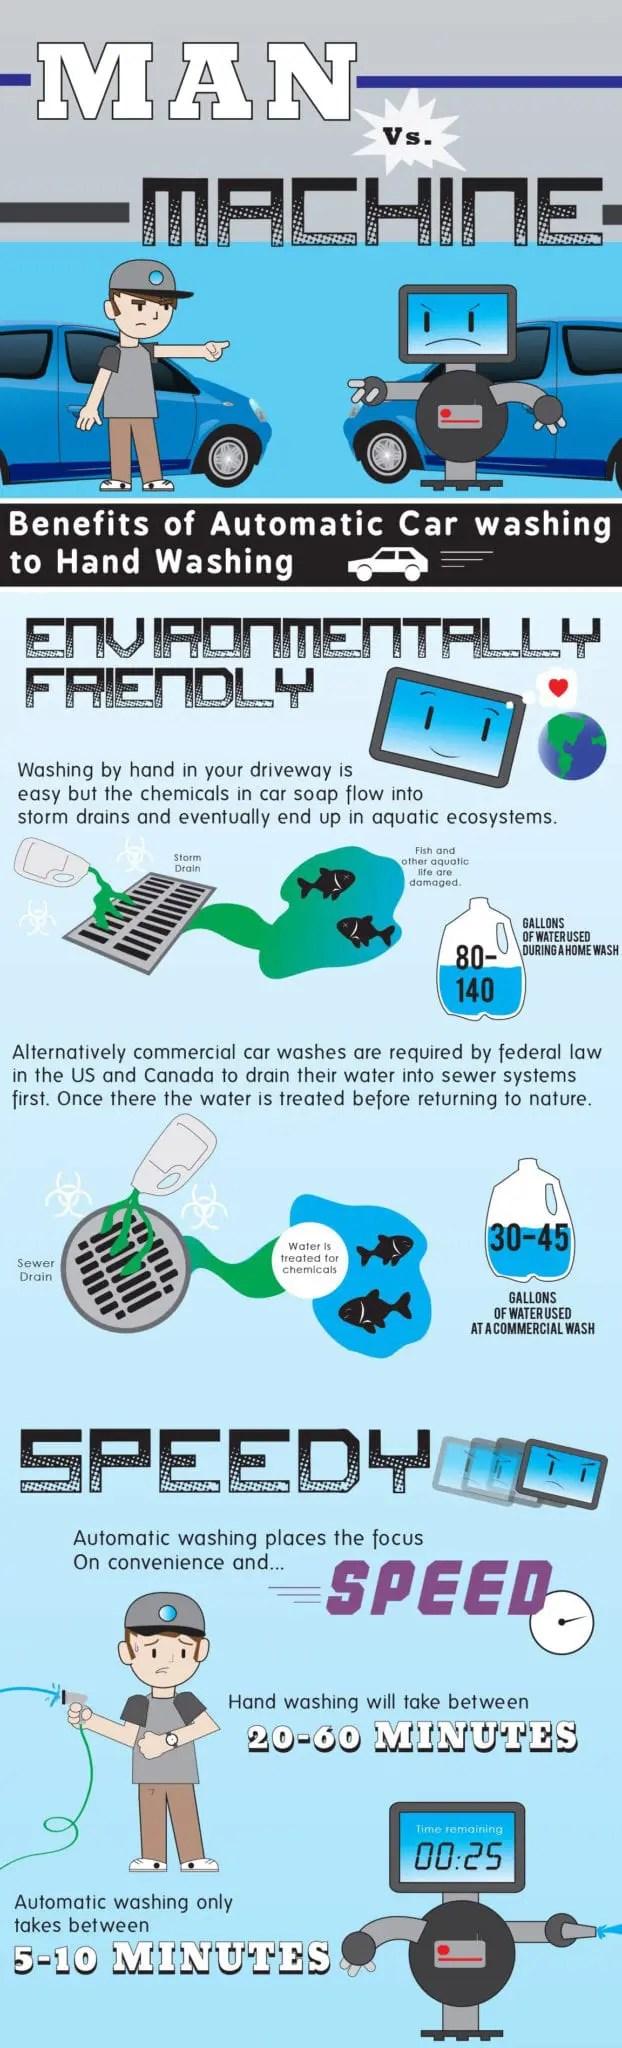 AutomaticCarWashBenefits Automatic Car Washing Machine vs. Handwashing